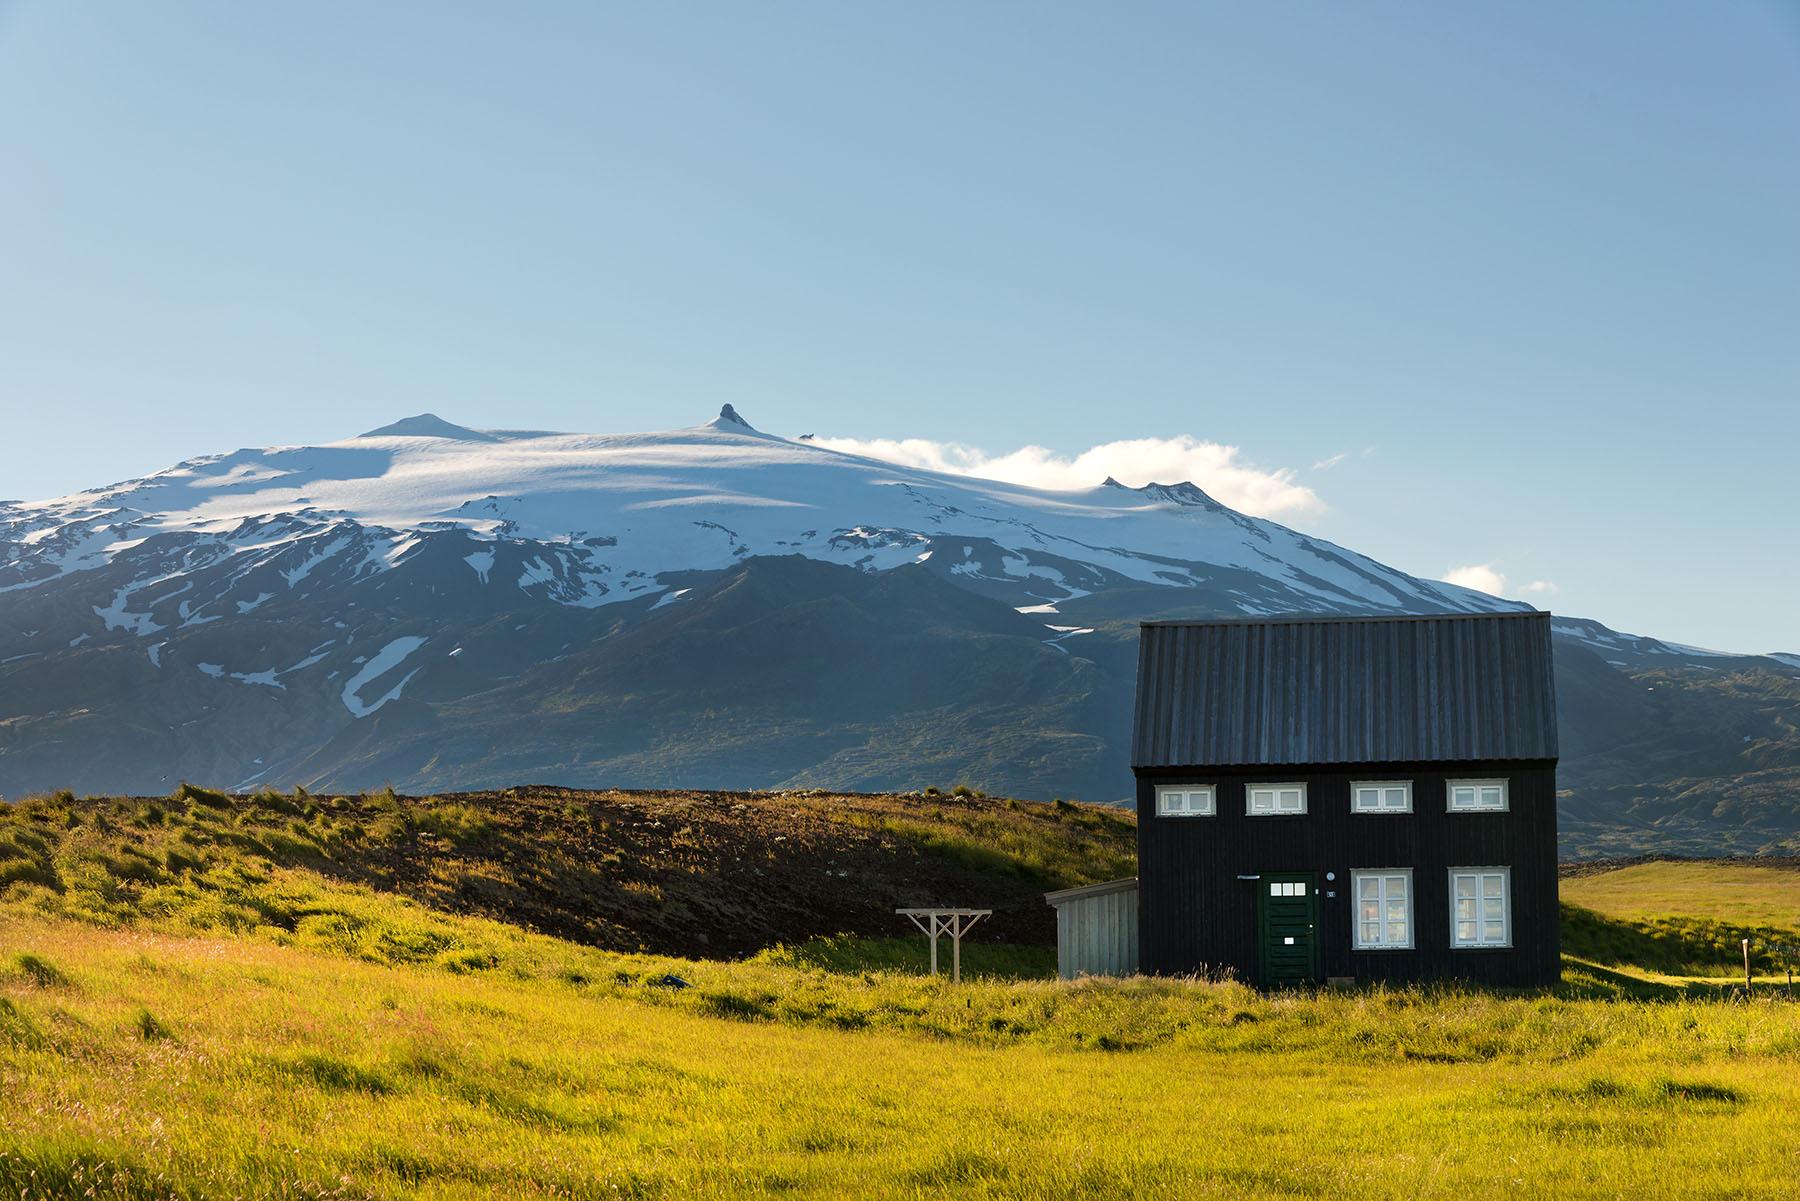 Ferienhaus Heilasteinn auf Island vor einem Berg